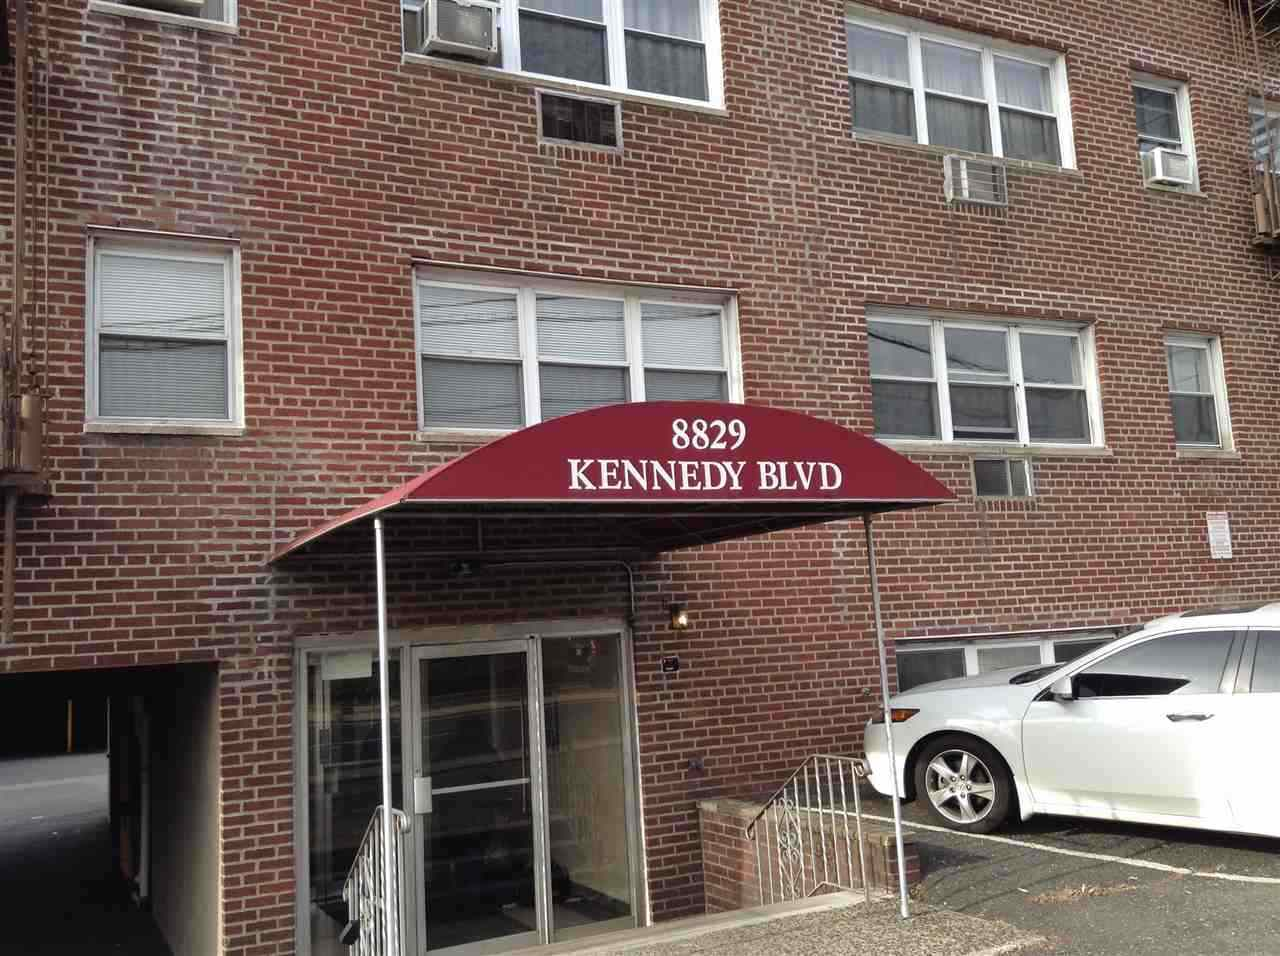 8829 KENNEDY BLVD A6, North Bergen, NJ 07047